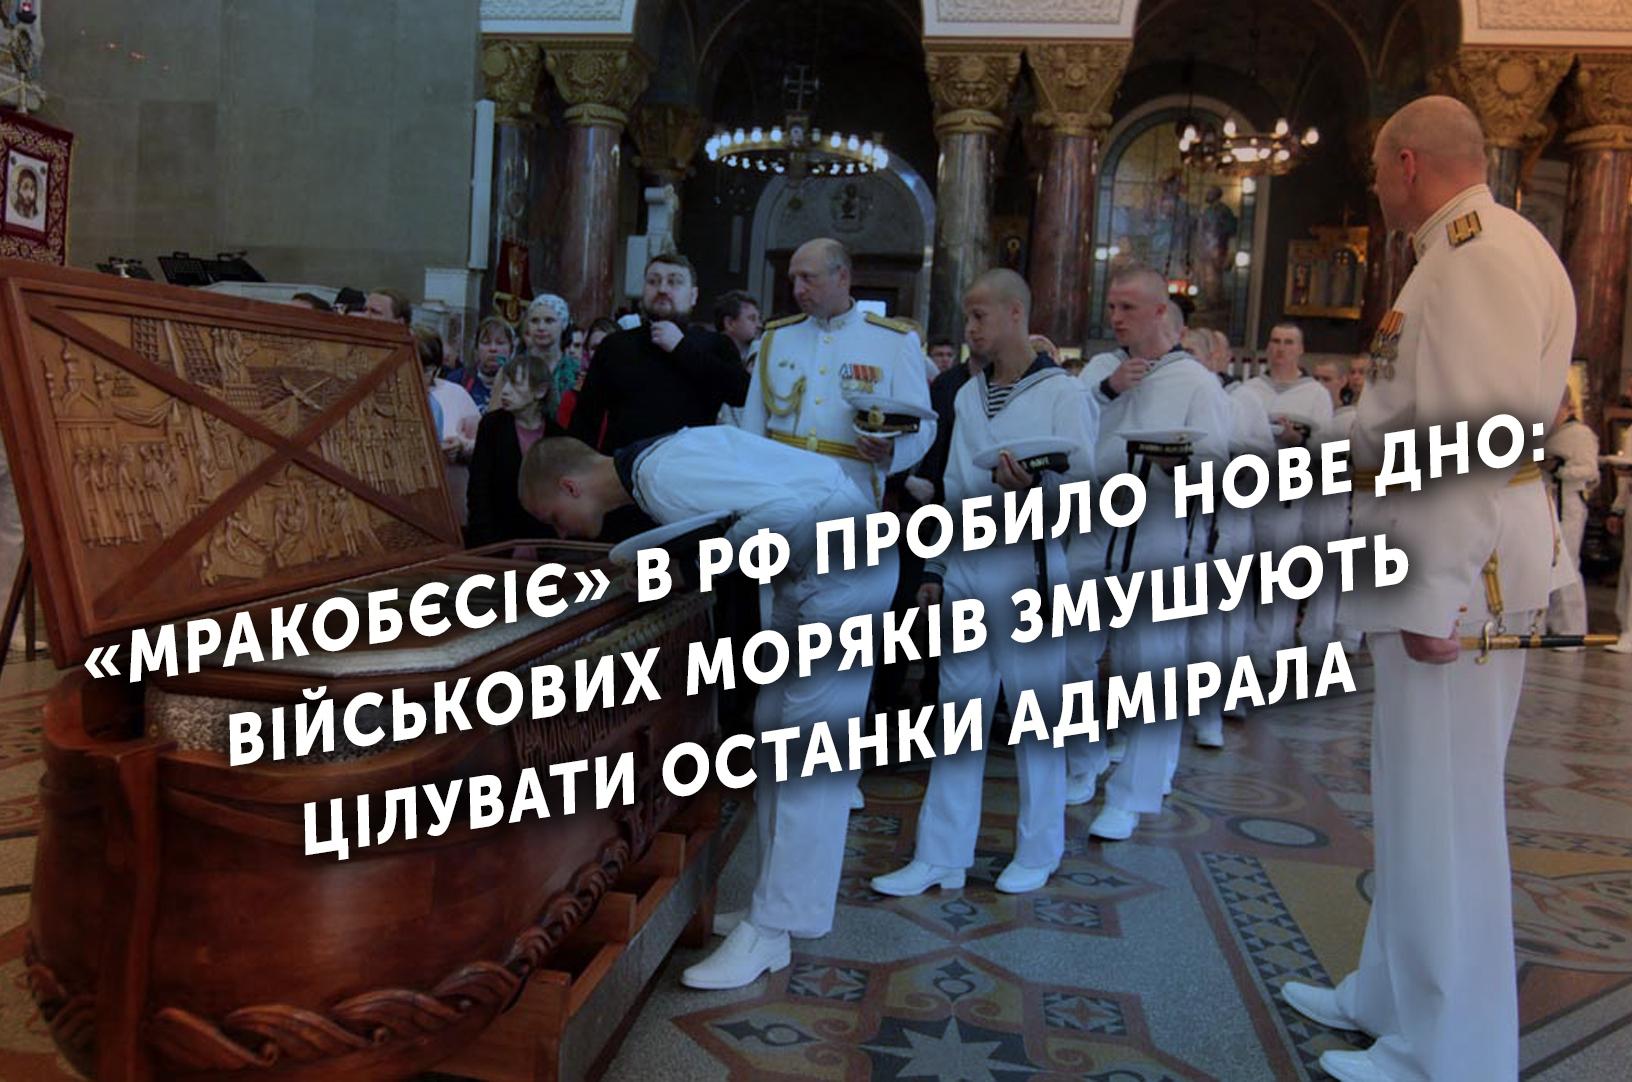 «Мракобєсіє» в РФ пробило нове дно: військових моряків змушують цілувати останки адмірала